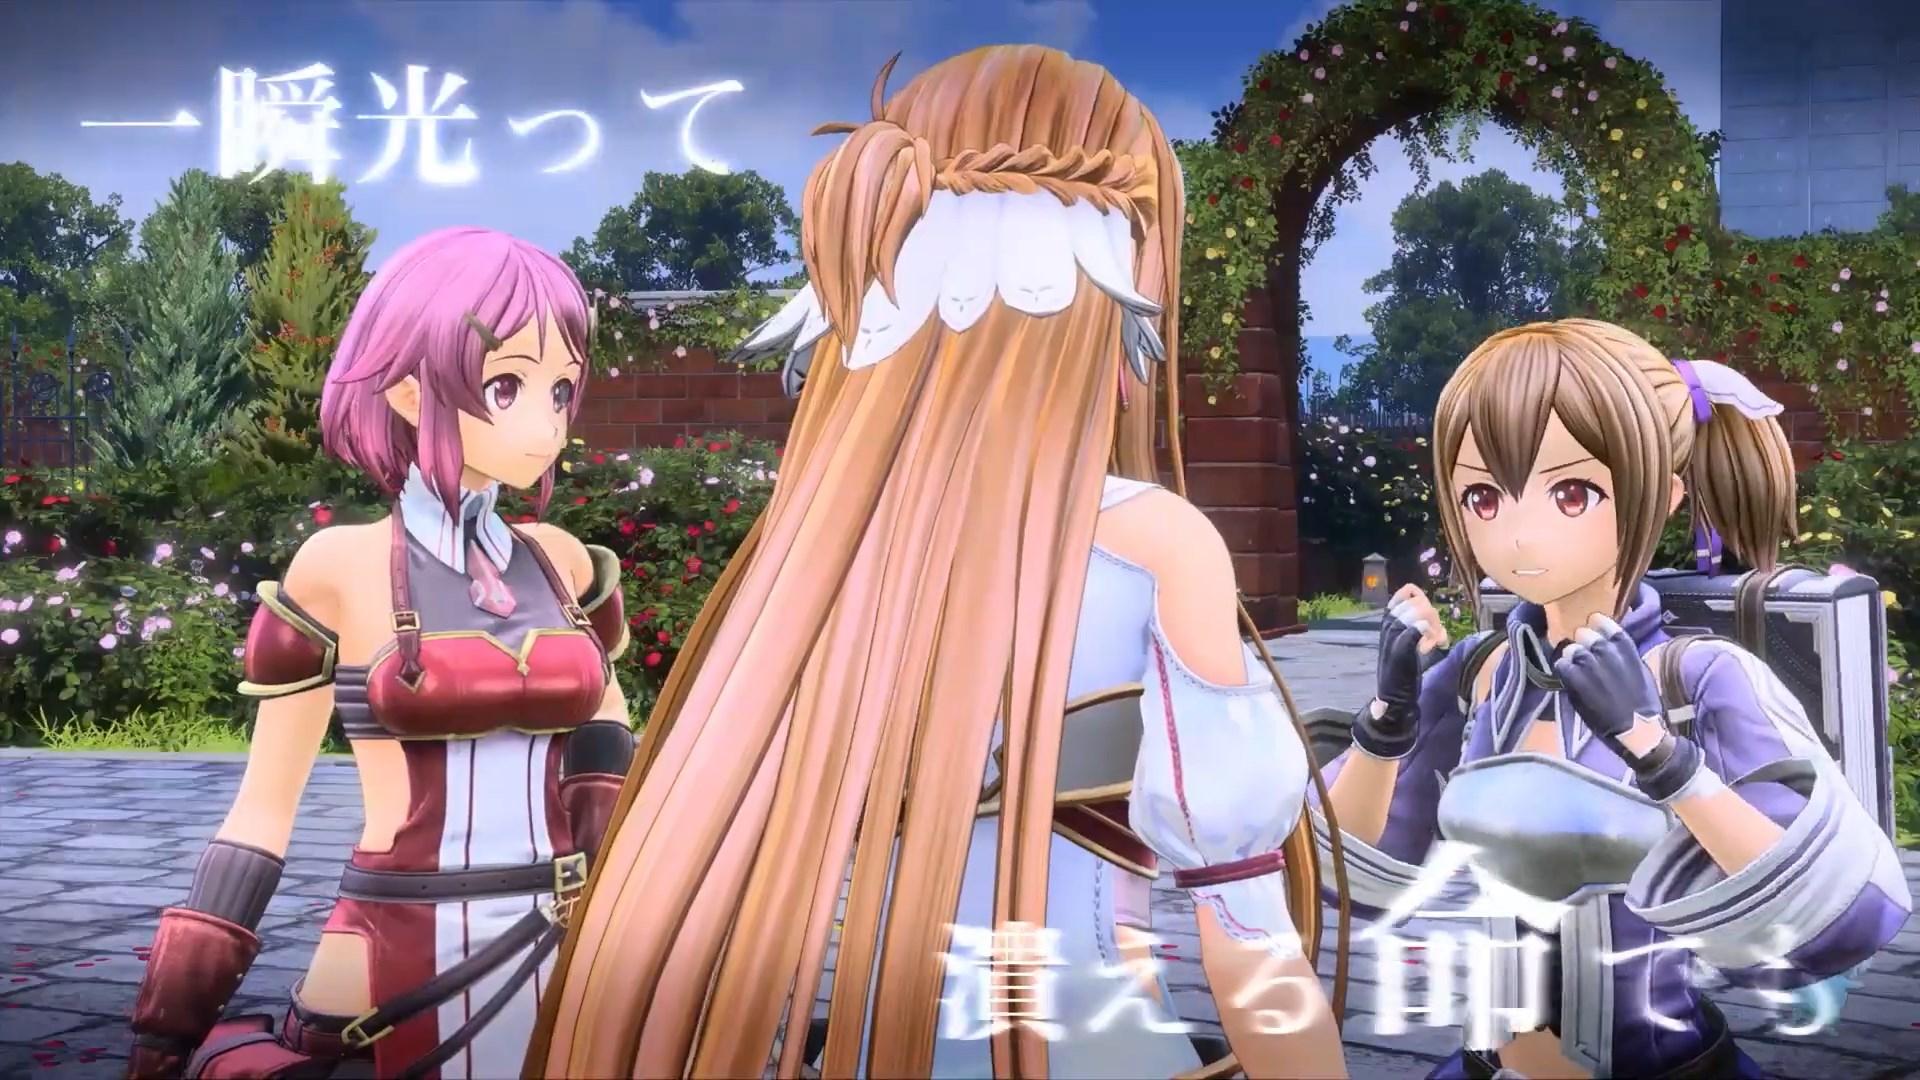 Sword Art Online 1562020 3